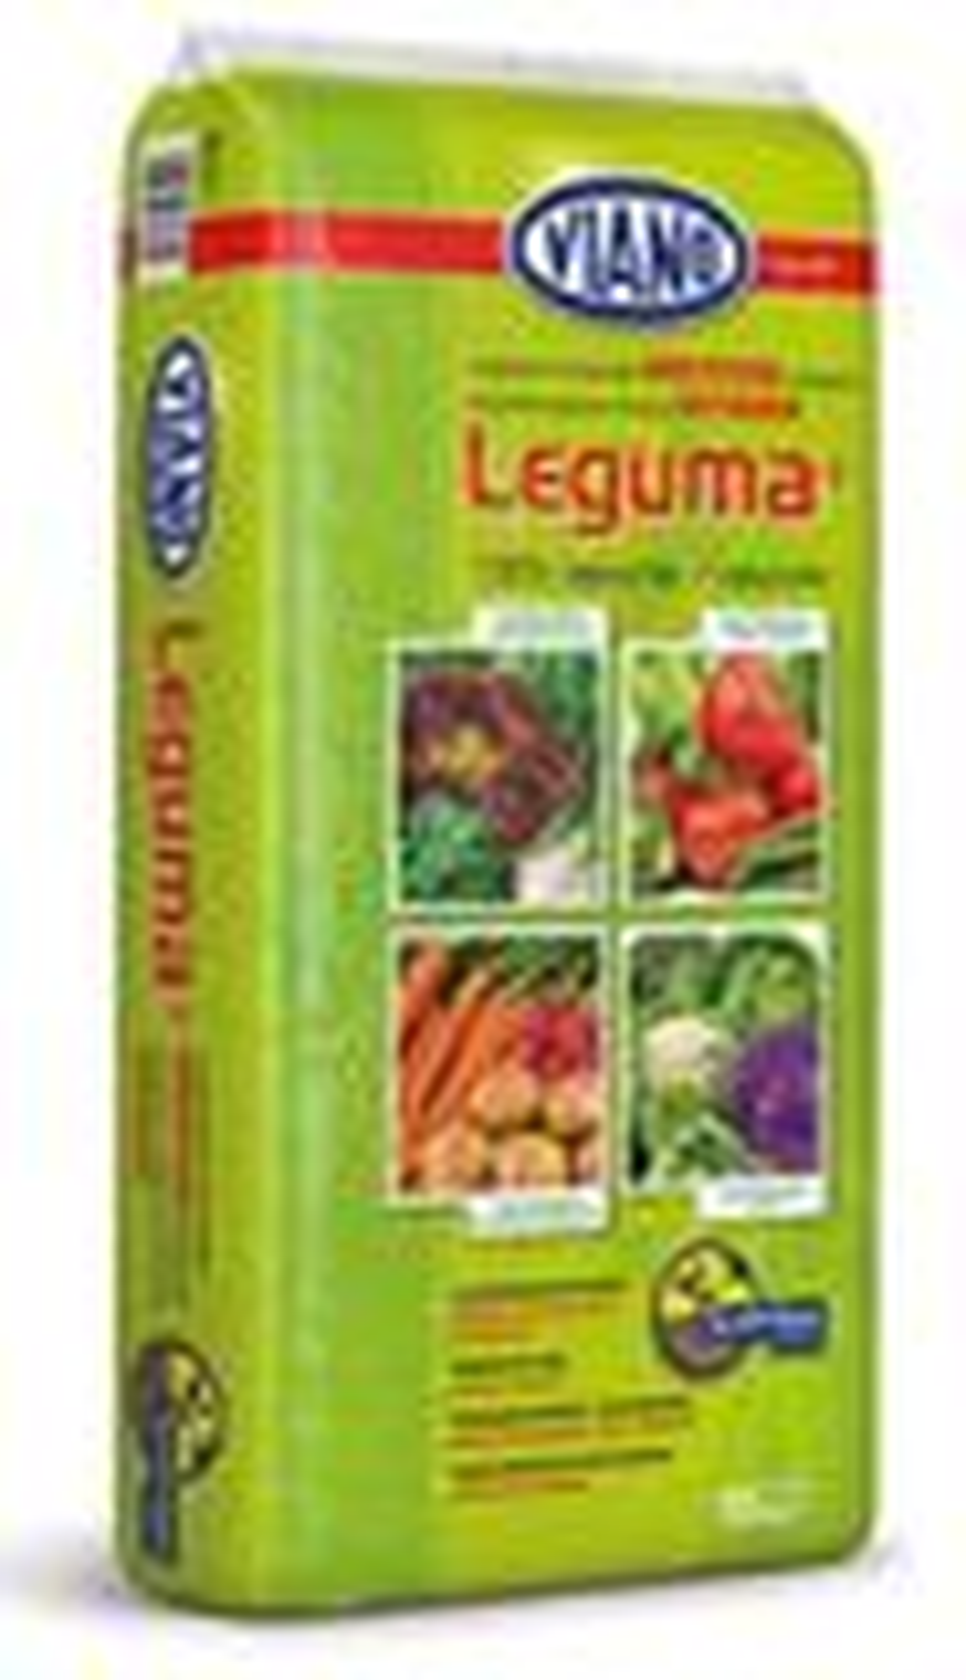 Leguma+ 20kg moestuin meststof meststof met SunProtect DPF 15